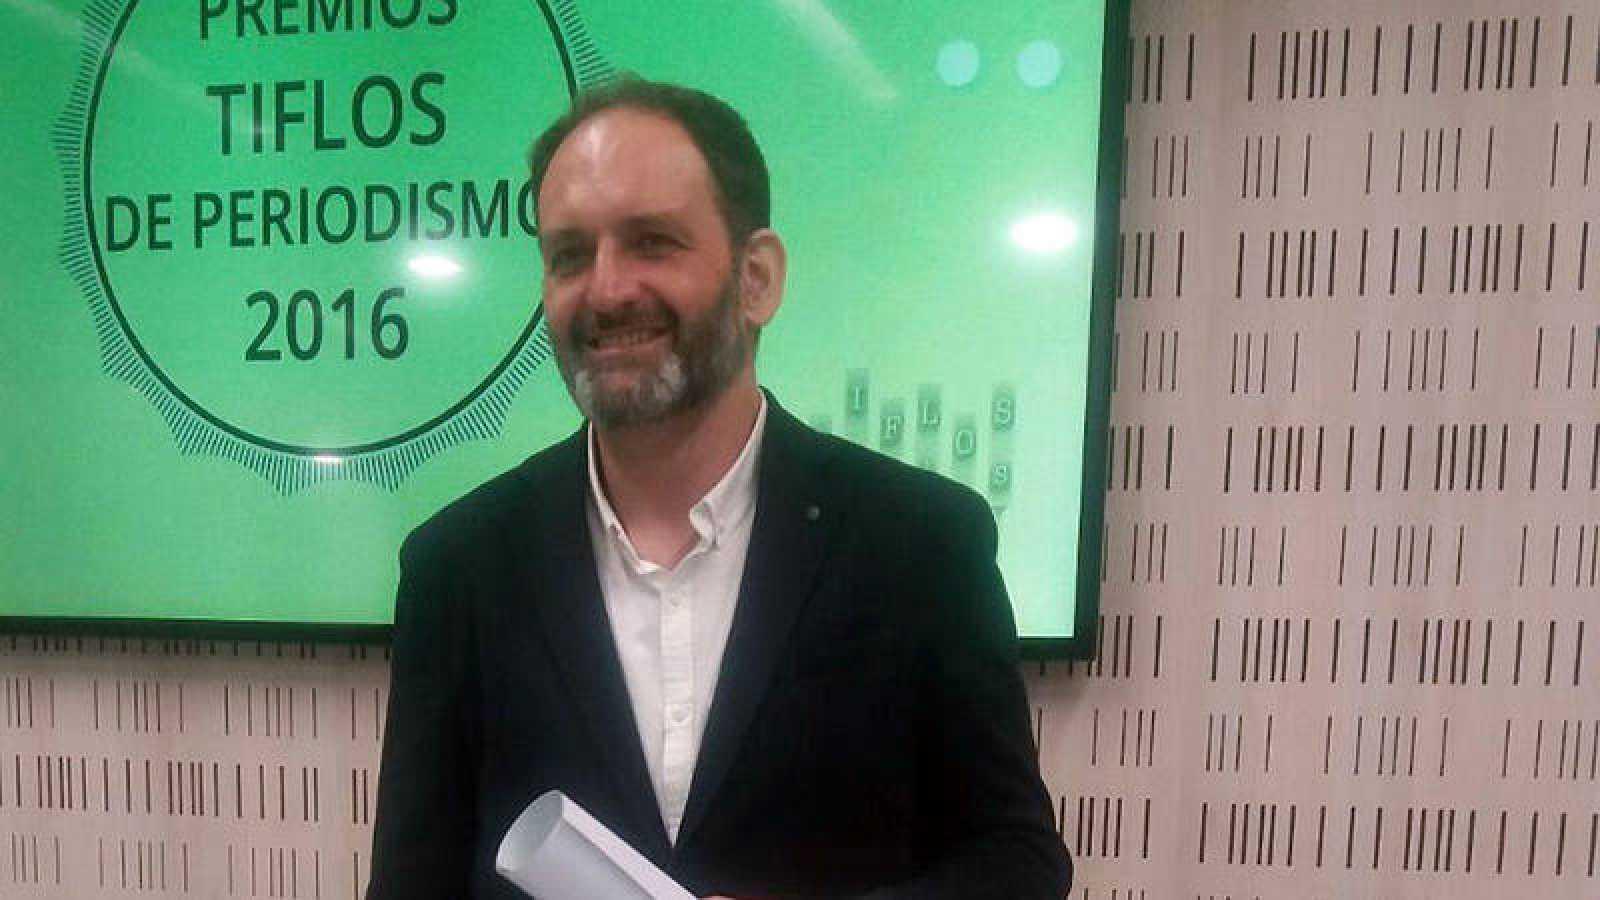 Javier Hernández recoge el premio Tiflos de Periodismo por un reportaje sobre las víctimas de la Talidomida